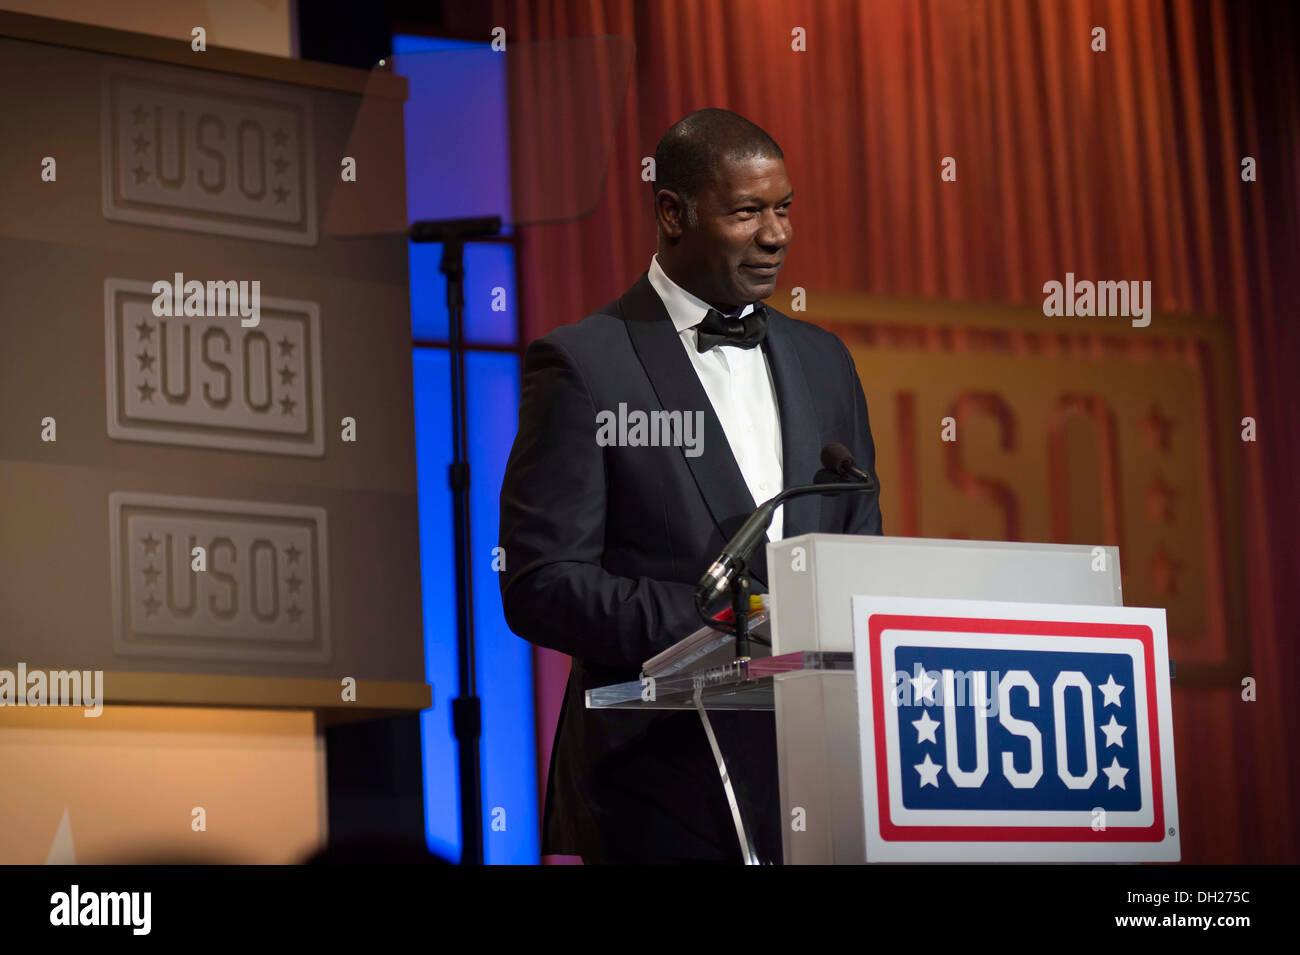 Acteur de longue date et supporter l'USO et bénévoles Dennis Haysbert joue le rôle de maître de cérémonie de l'USO 2013 Gala à Washi Photo Stock